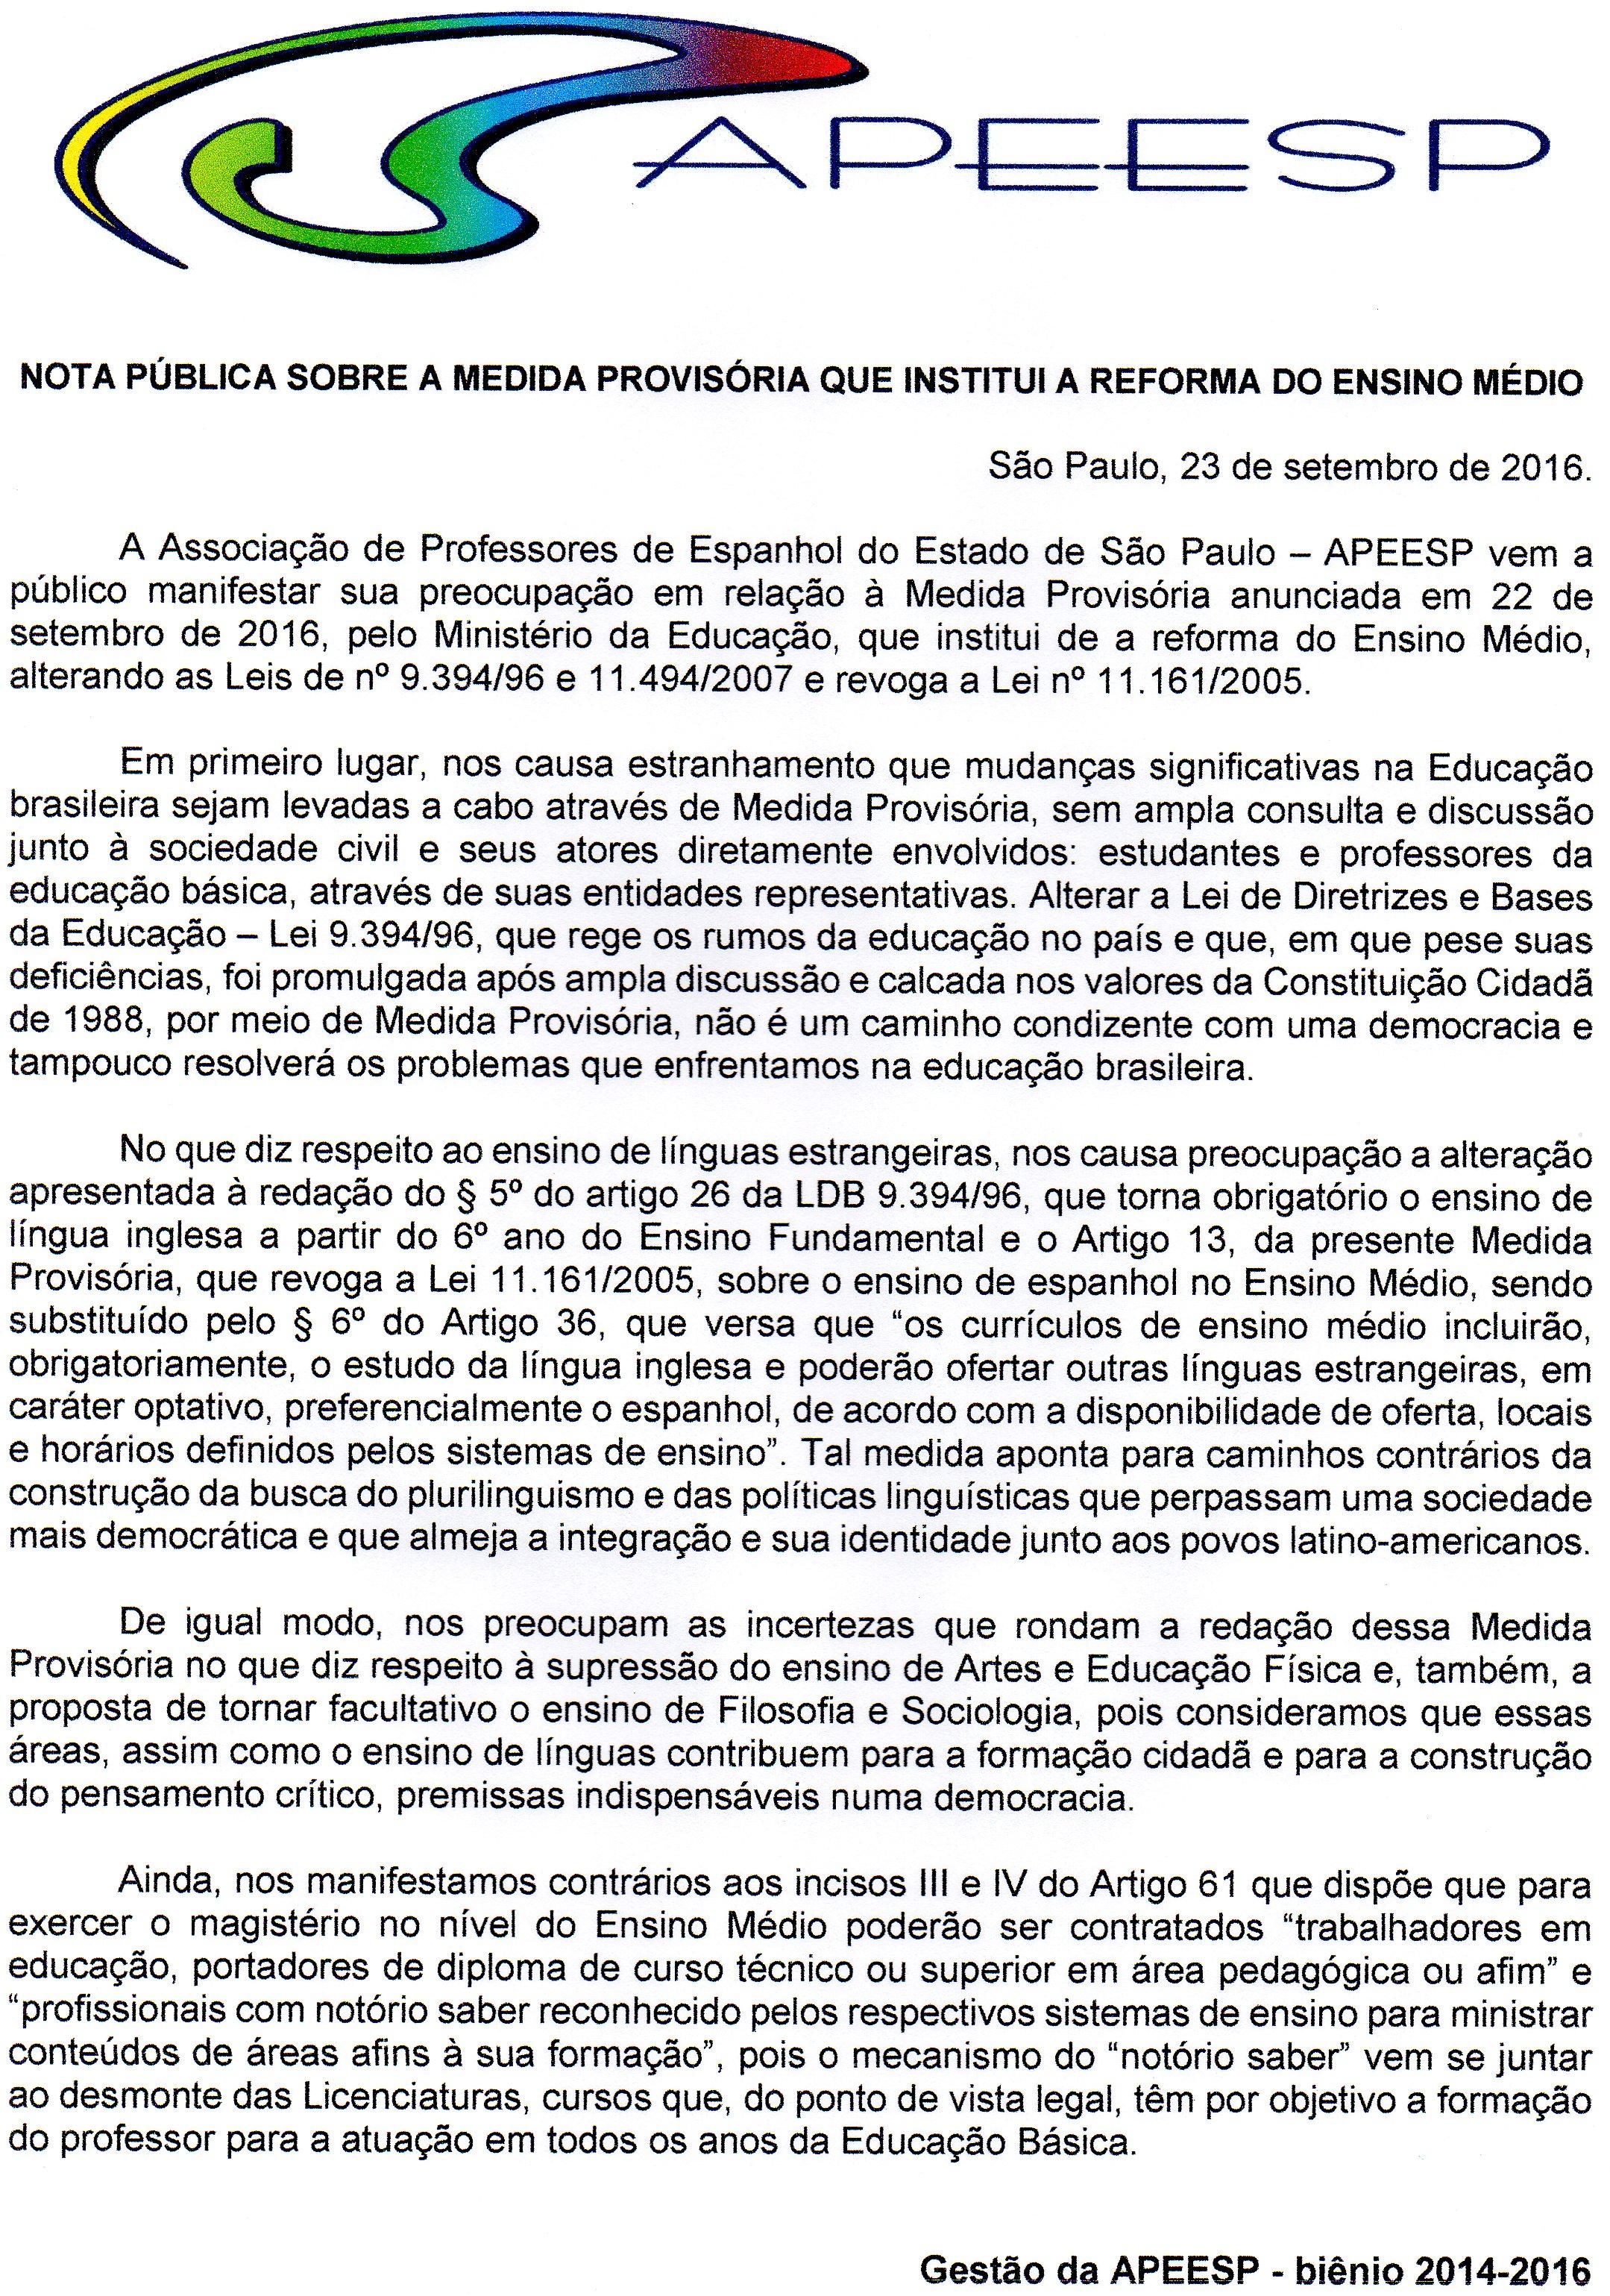 NOTA PÚBLICA - MP DO ENSINO MÉDIO